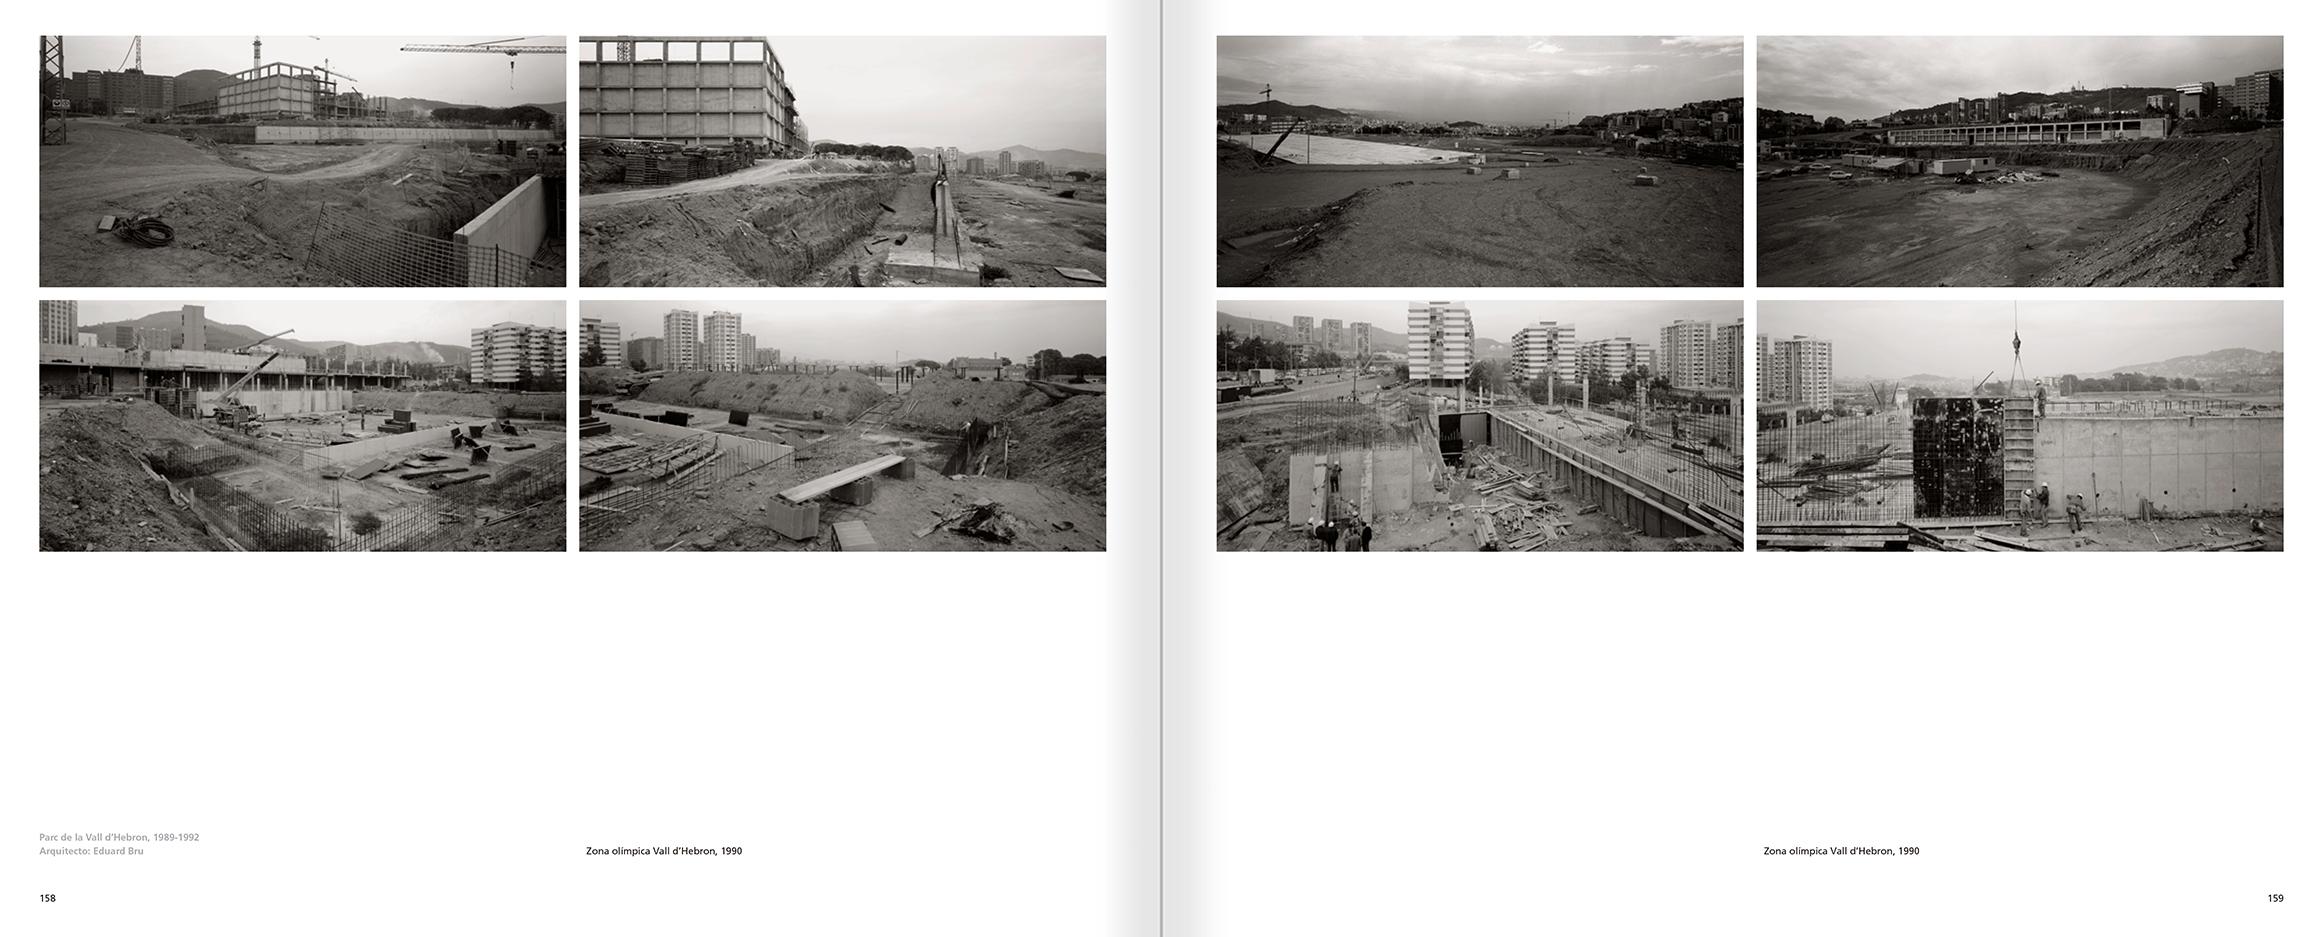 """Selecció del catàleg """"Barcelona 1978-1997. Manolo Laguillo"""" pàgines 158 i 159"""